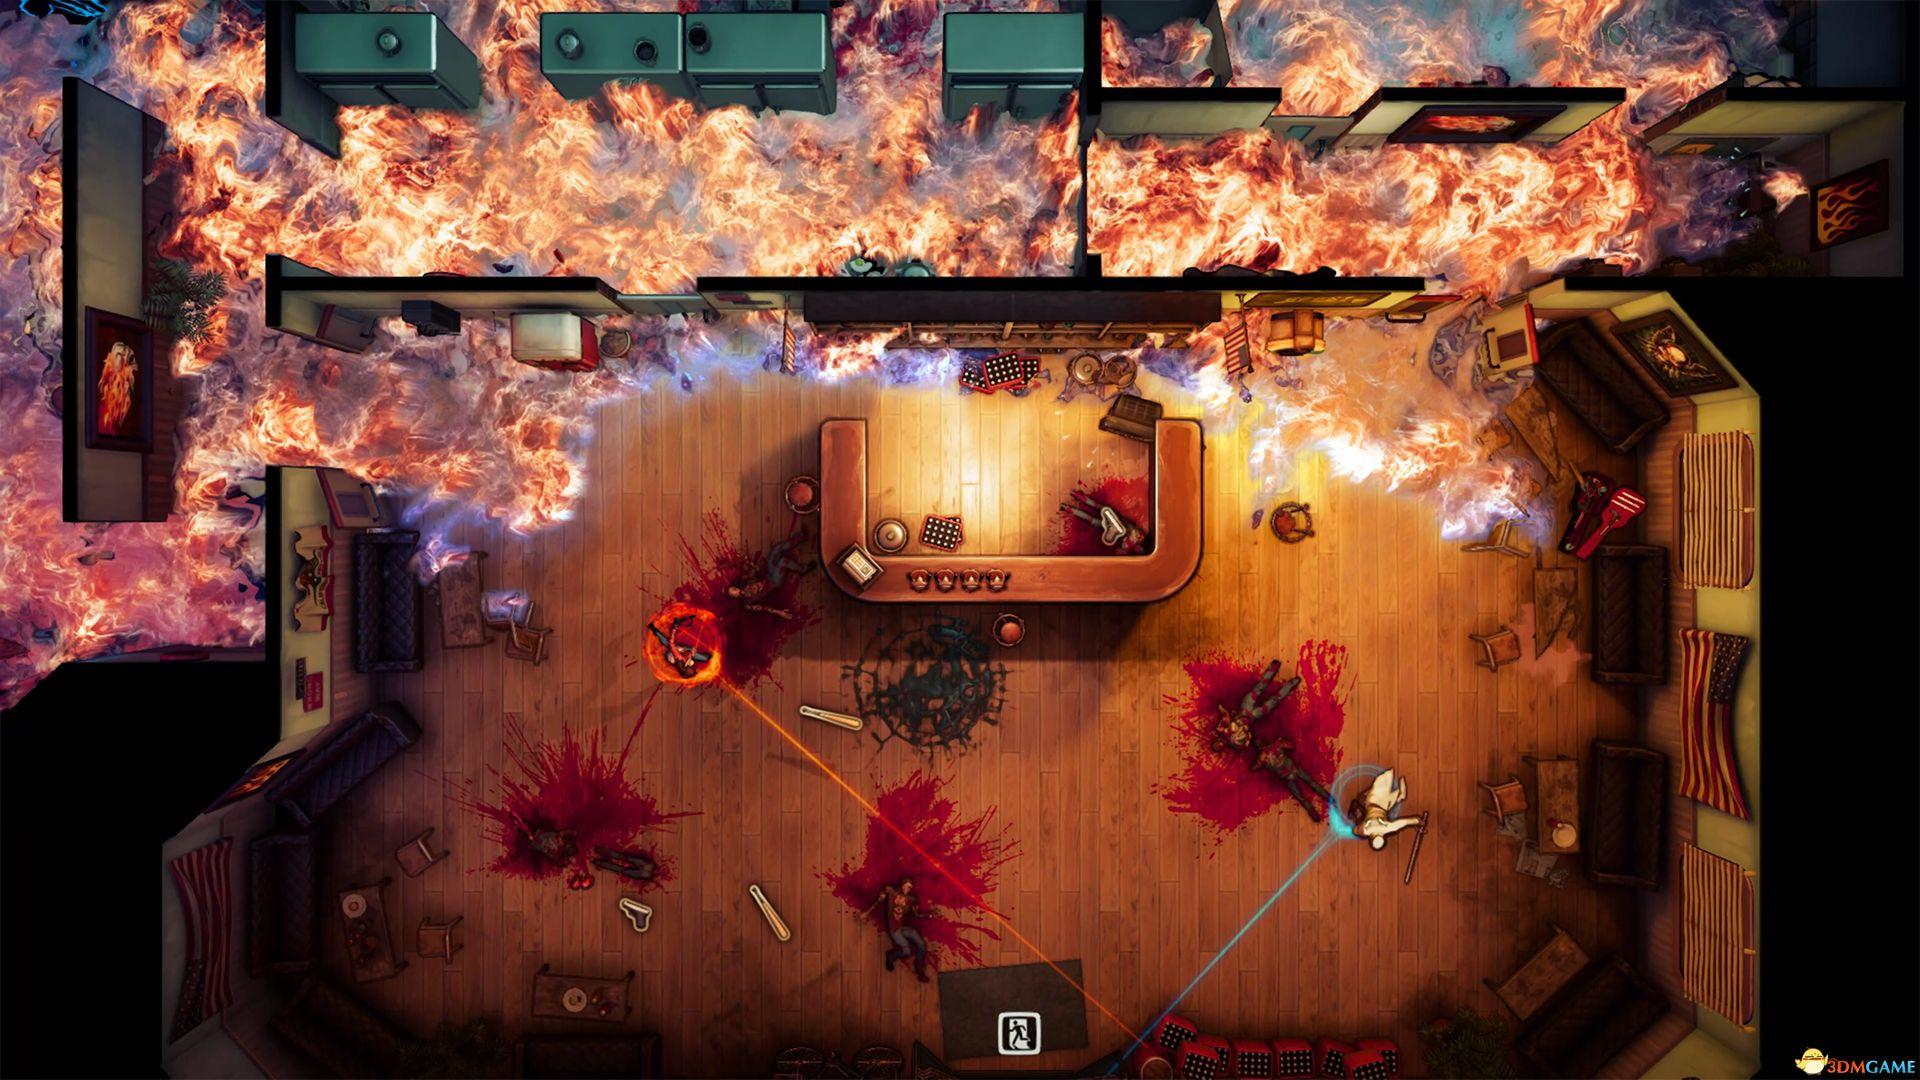 《神之扳机》官方中文免安装版下载 暴力杀戮画面血腥